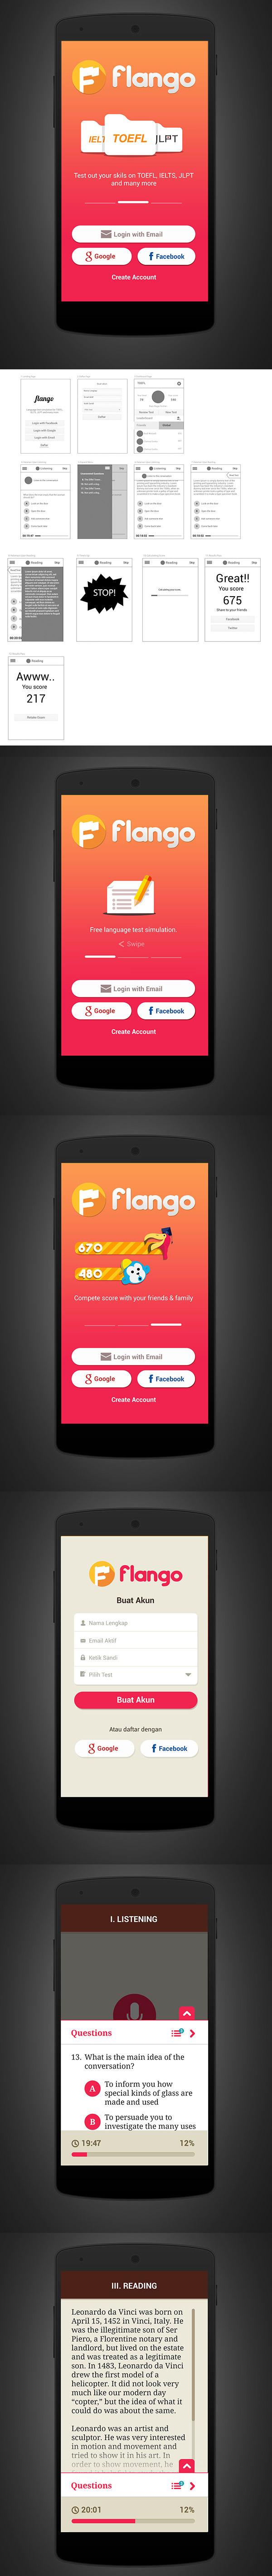 flango app design concept